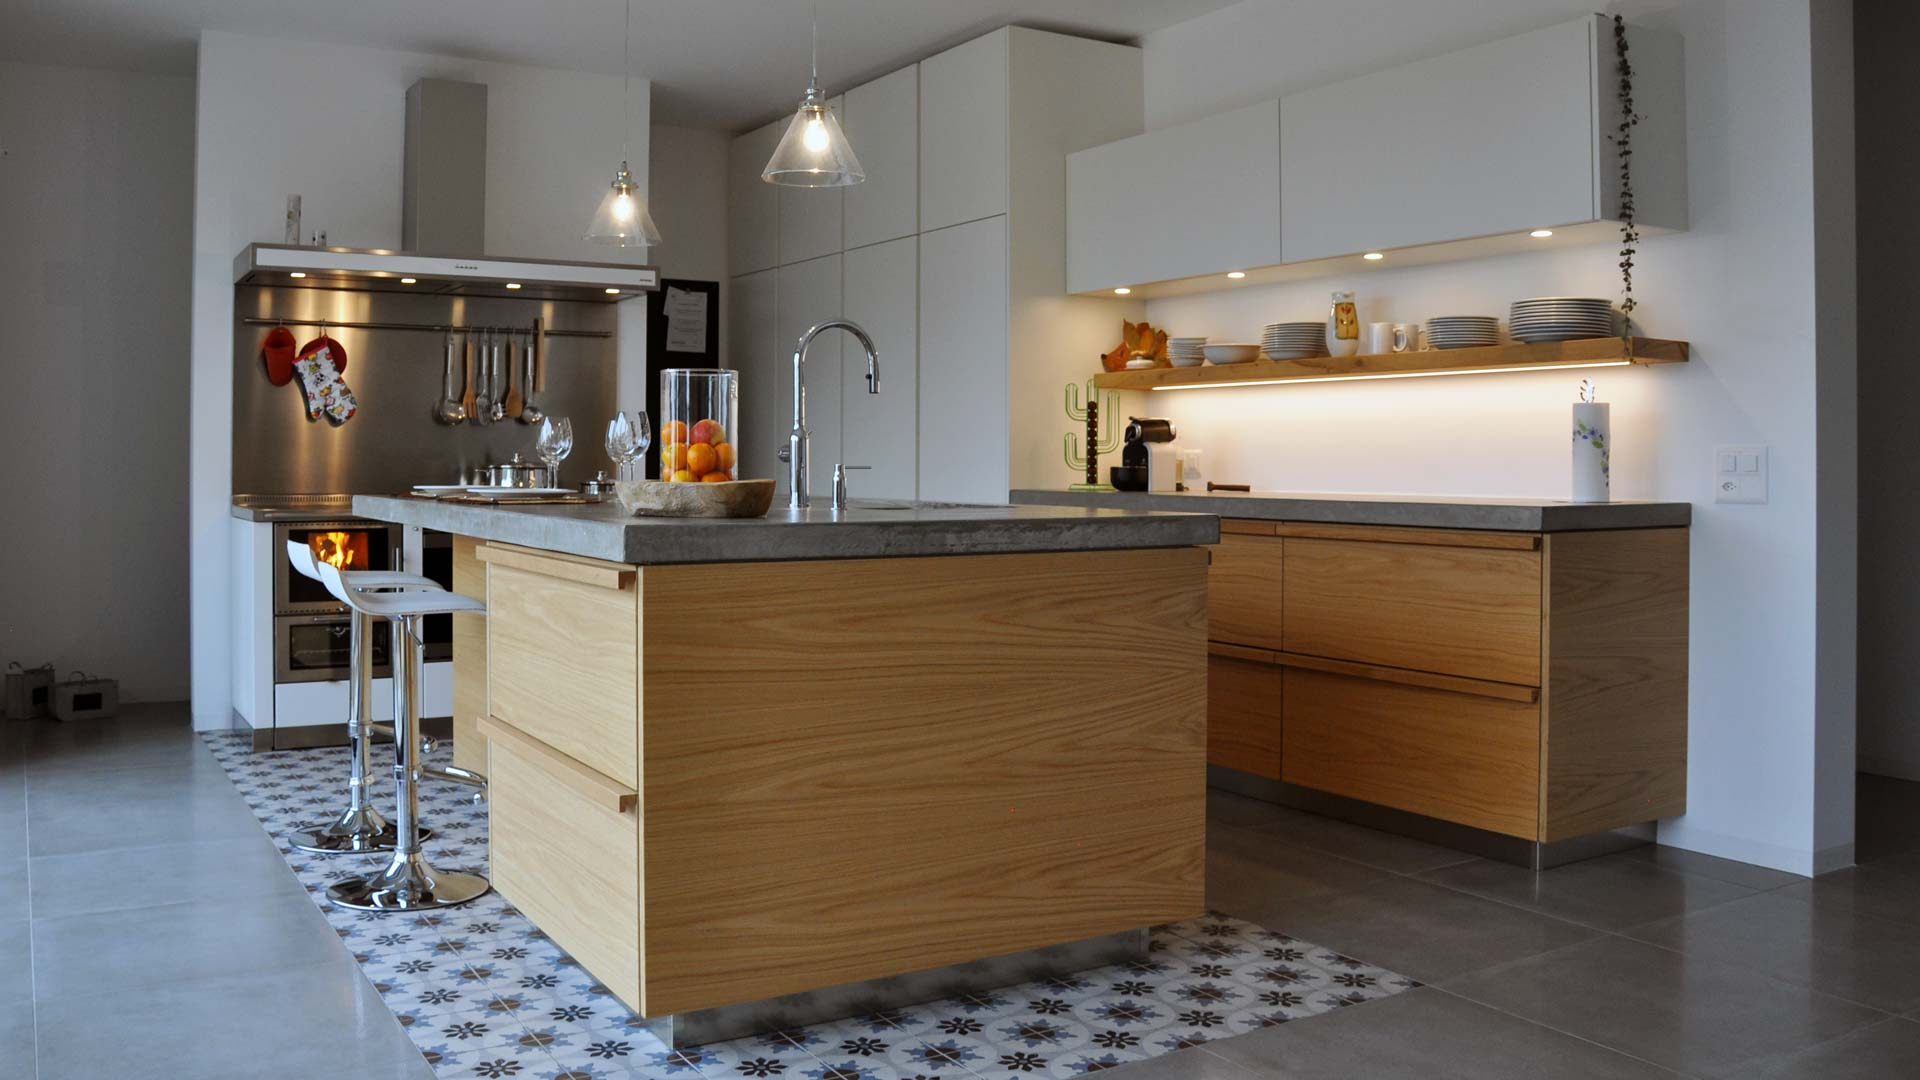 Pittori Cucine Moderne.Pittori 1931 Cucine Realizzazioni Su Misura Pittori 1931